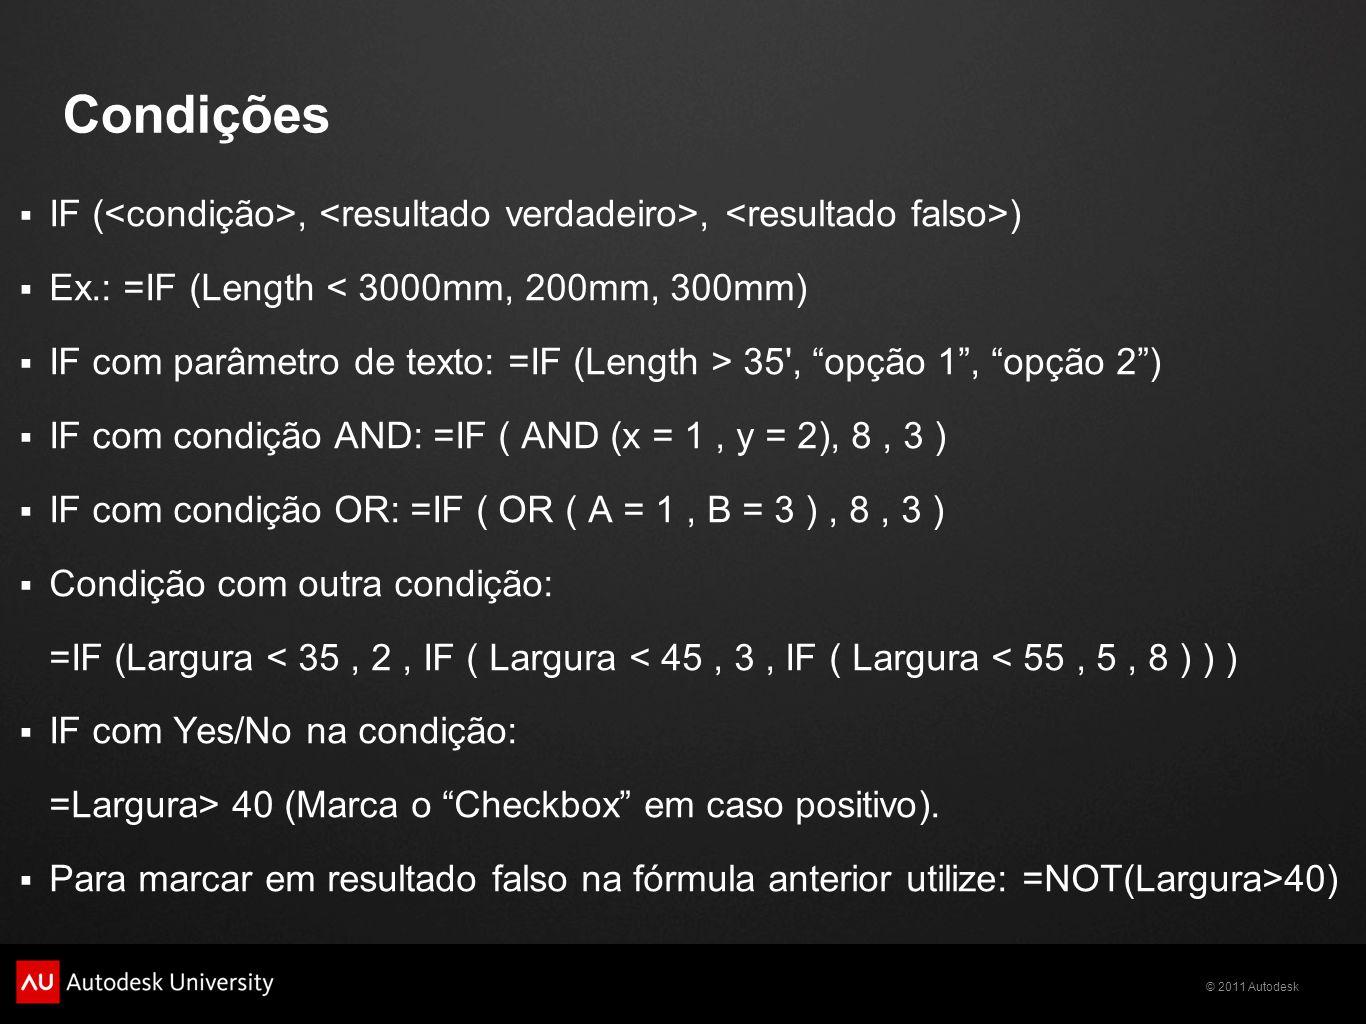 © 2011 Autodesk Condições IF (,, ) Ex.: =IF (Length < 3000mm, 200mm, 300mm) IF com parâmetro de texto: =IF (Length > 35 , opção 1, opção 2) IF com condição AND: =IF ( AND (x = 1, y = 2), 8, 3 ) IF com condição OR: =IF ( OR ( A = 1, B = 3 ), 8, 3 ) Condição com outra condição: =IF (Largura < 35, 2, IF ( Largura < 45, 3, IF ( Largura < 55, 5, 8 ) ) ) IF com Yes/No na condição: =Largura> 40 (Marca o Checkbox em caso positivo).